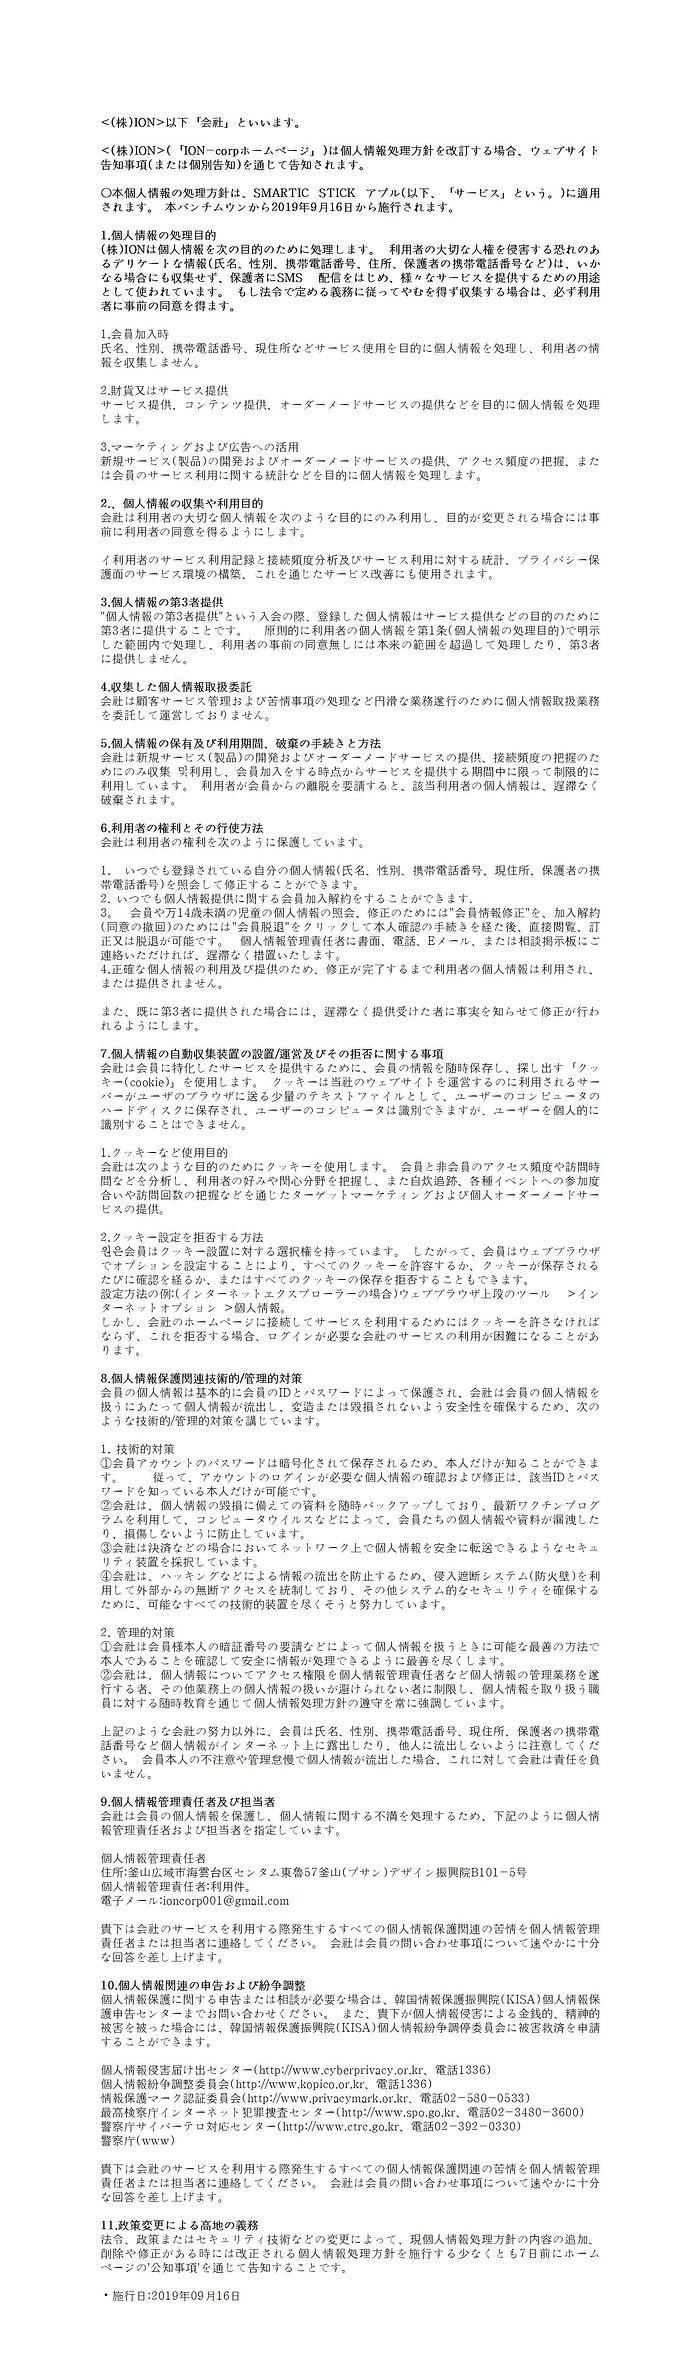 개인정보처리방침 JP001.jpg